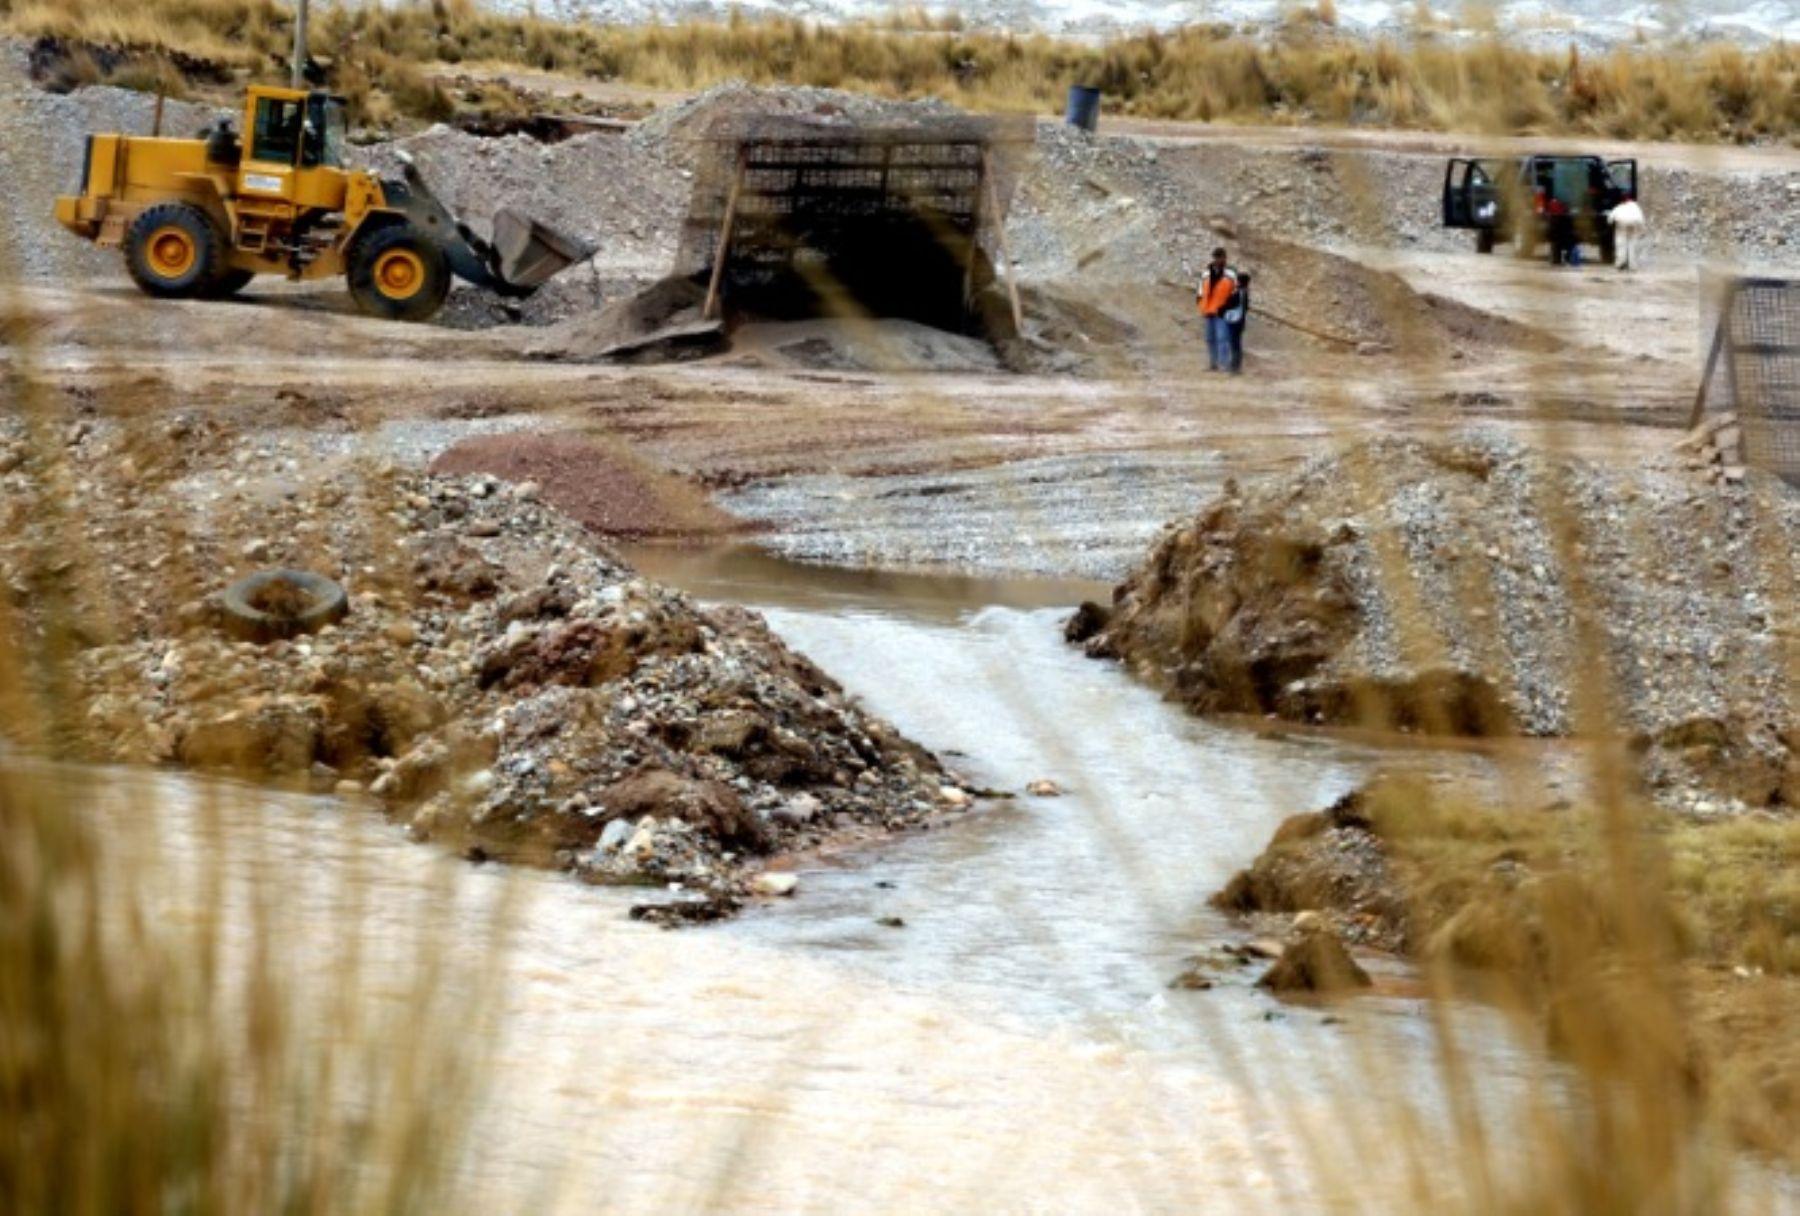 El OEFA ordenó a la minera Chinalco paralizar las actividades que causan vertimientos contaminantes en su unidad Toromocho, ubicada en Junín.